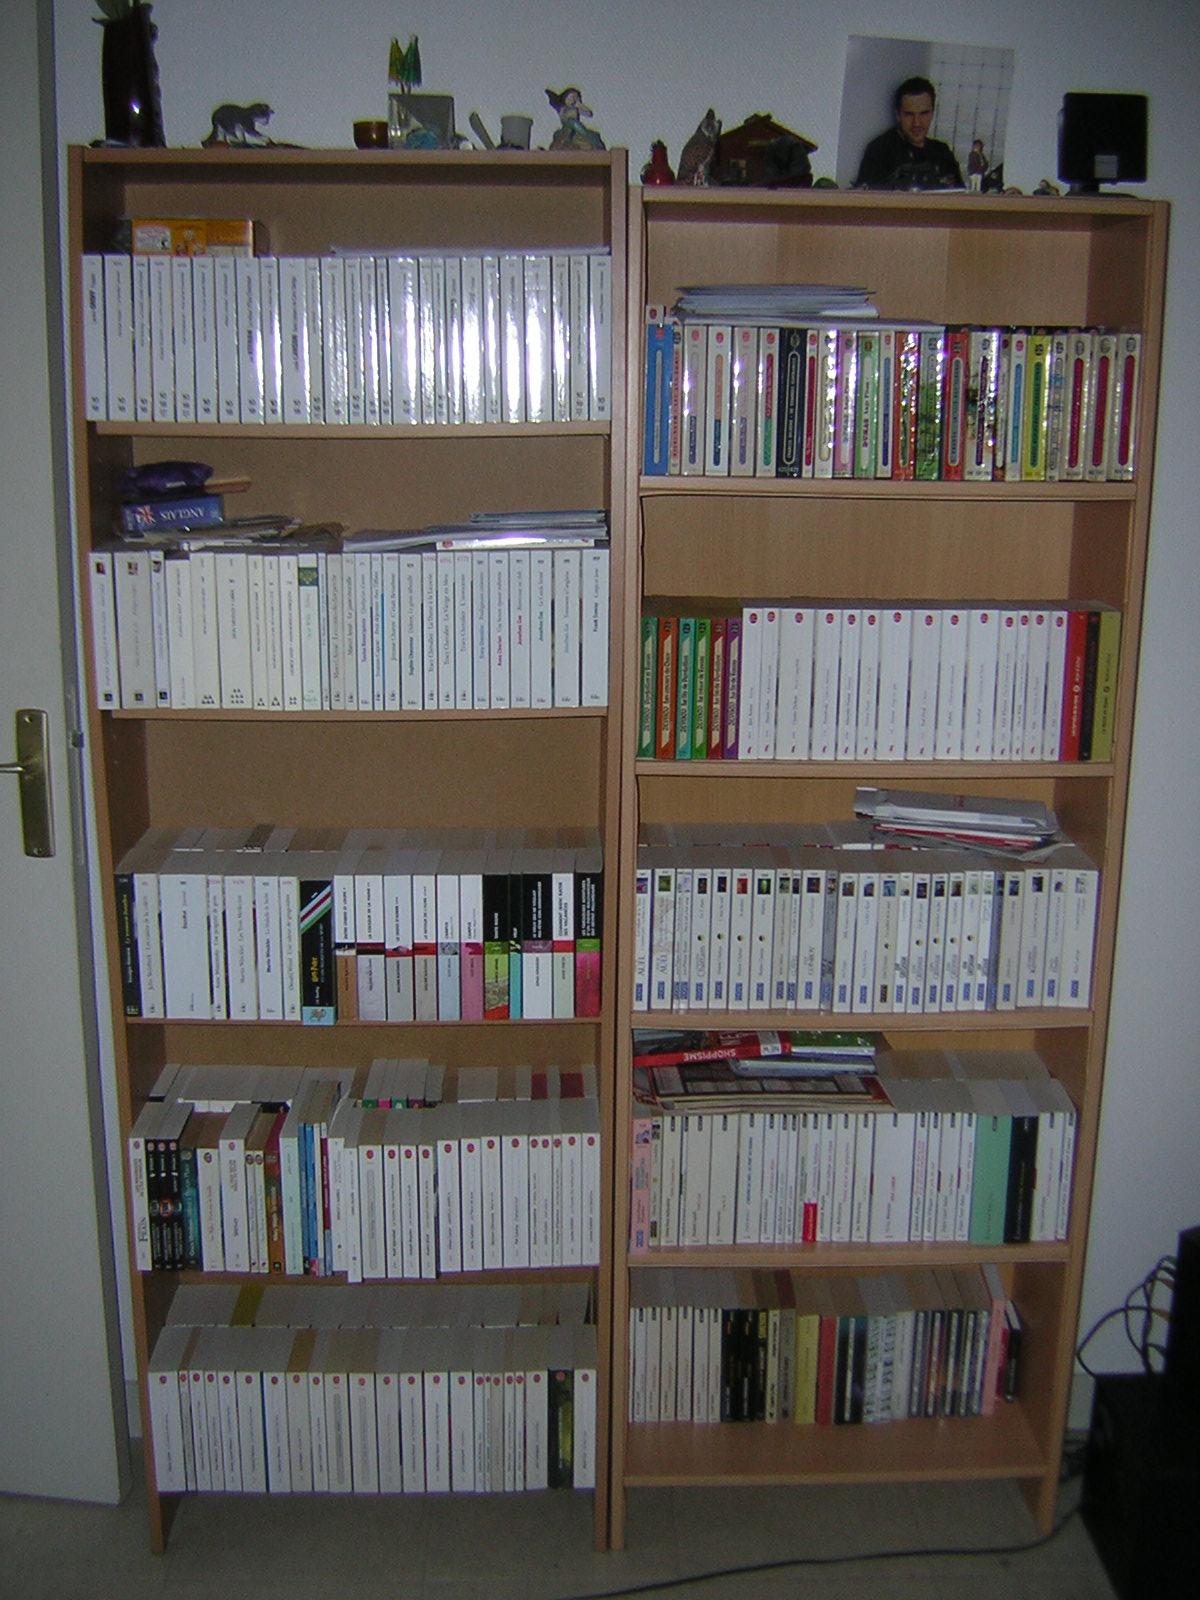 ordinary bibliotheque pour livres de poche 8 lignes et volumes. Black Bedroom Furniture Sets. Home Design Ideas